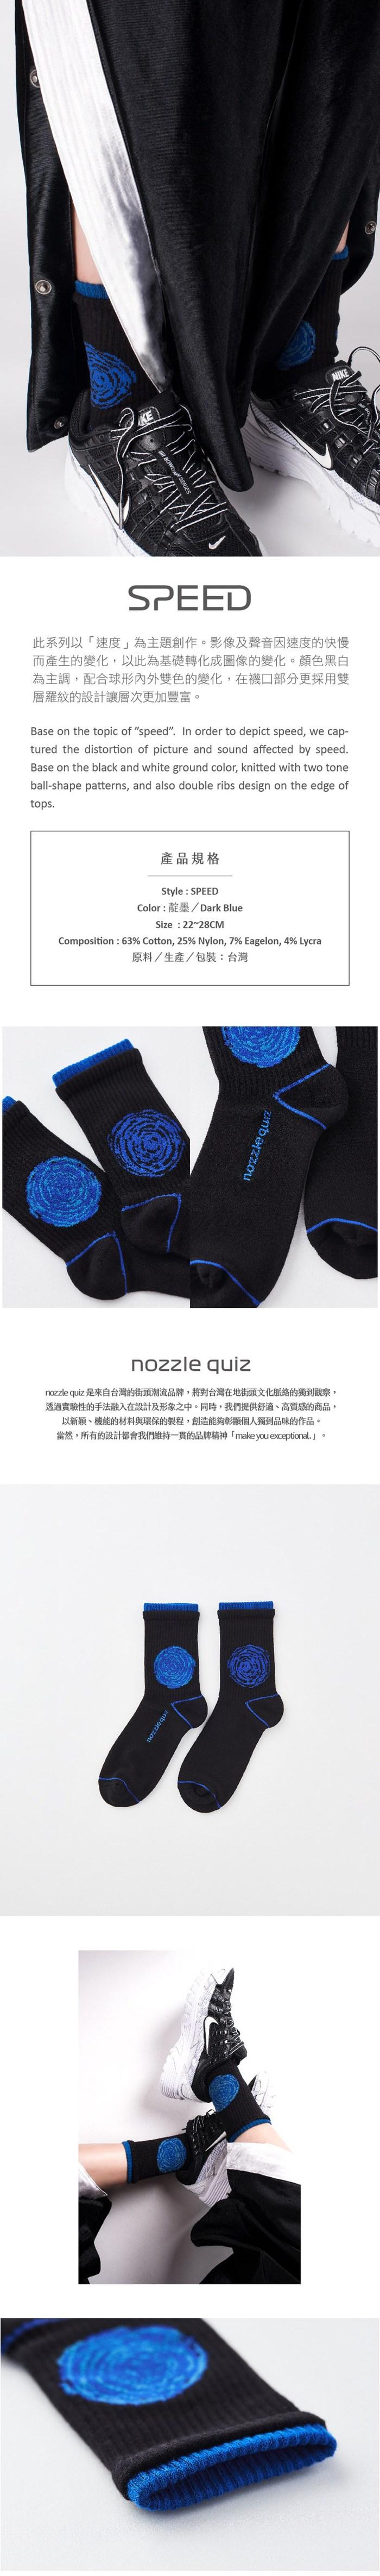 (複製)(複製)nozzle quiz│SPEED S2 中筒休閒襪 - 靛白